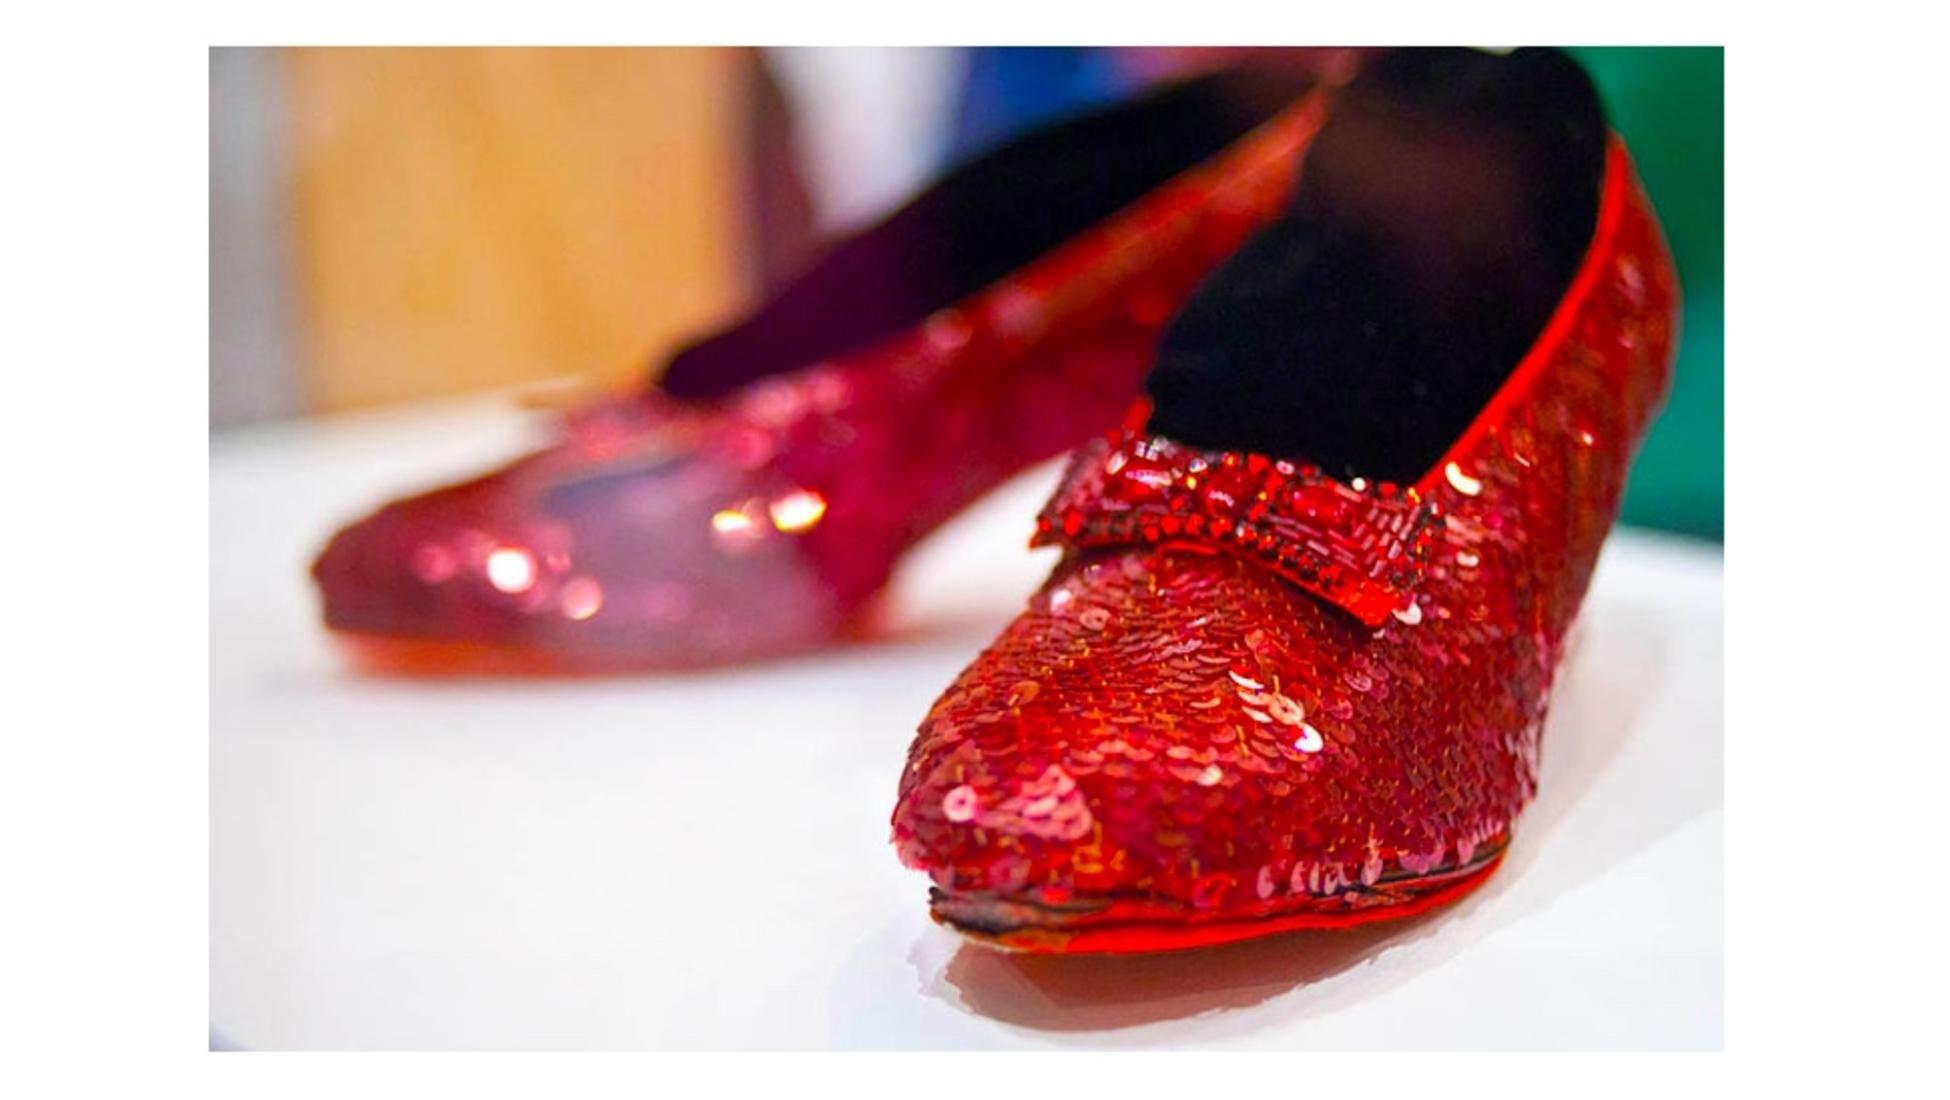 le scarpette rosso rubino di dorothy il mistero dietro quelle scarpe catawiki le scarpette rosso rubino di dorothy